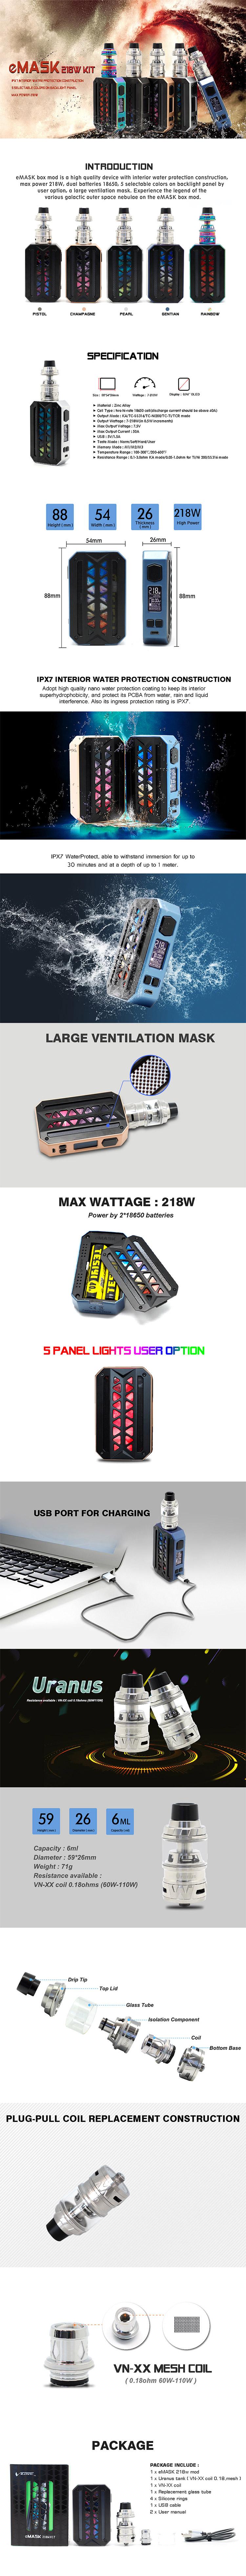 VZONE eMASK 218W Box Kit